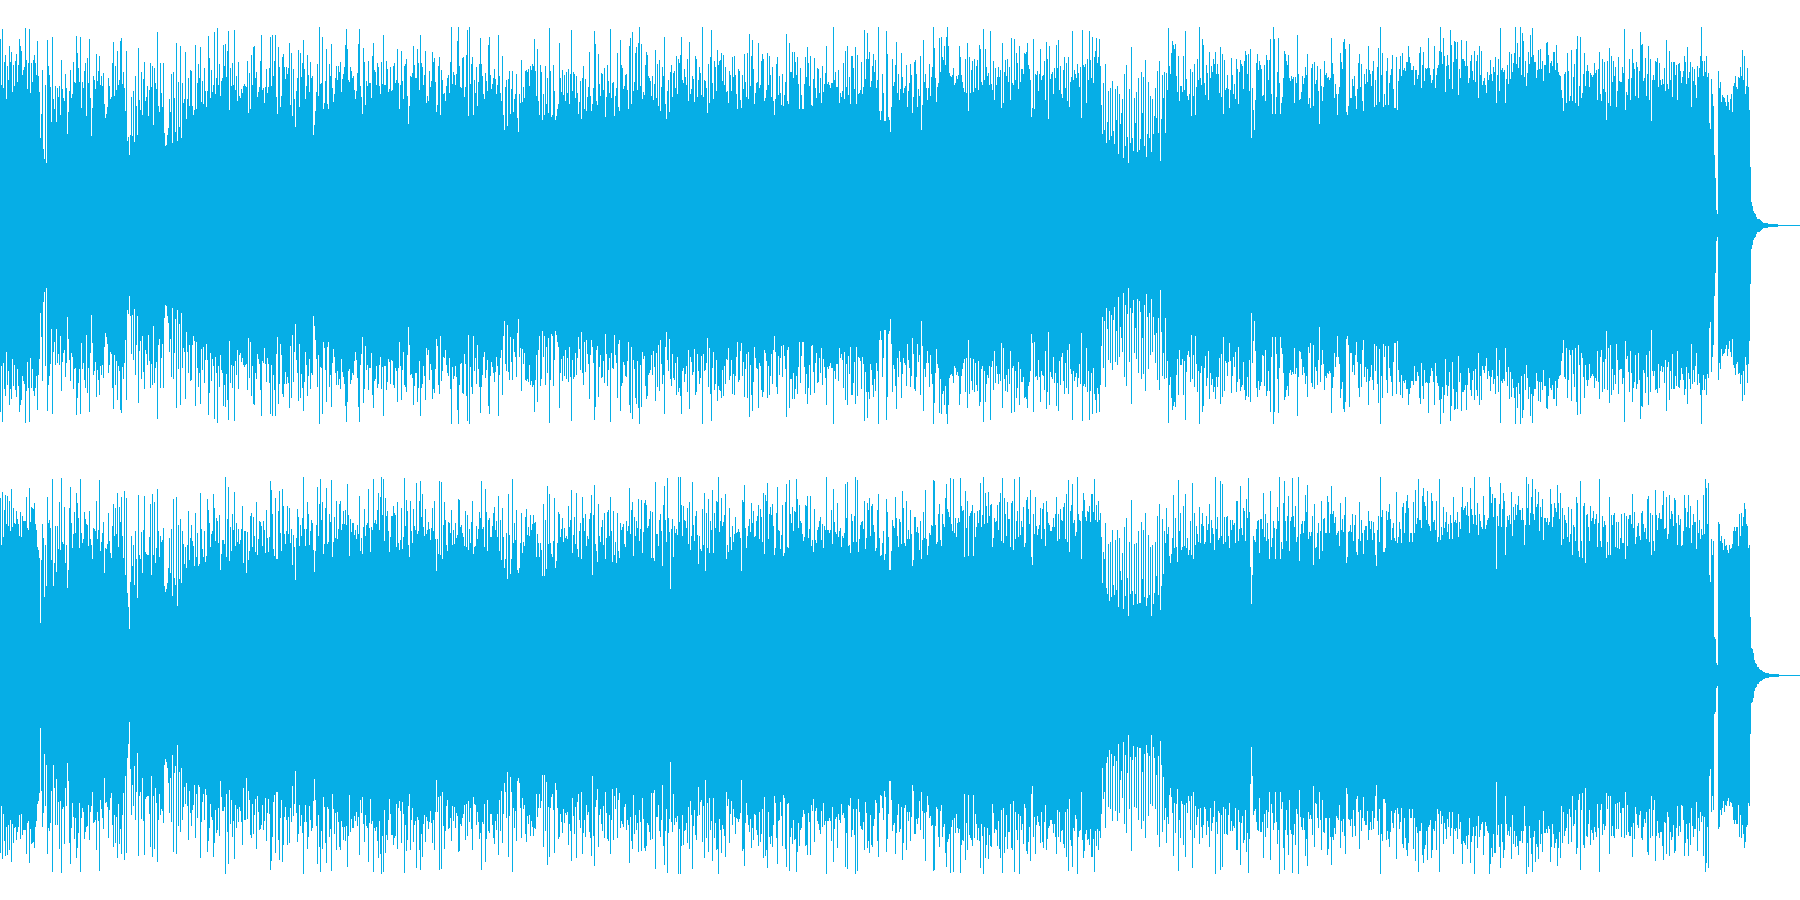 ロック感ある王道的なフュージョンの再生済みの波形